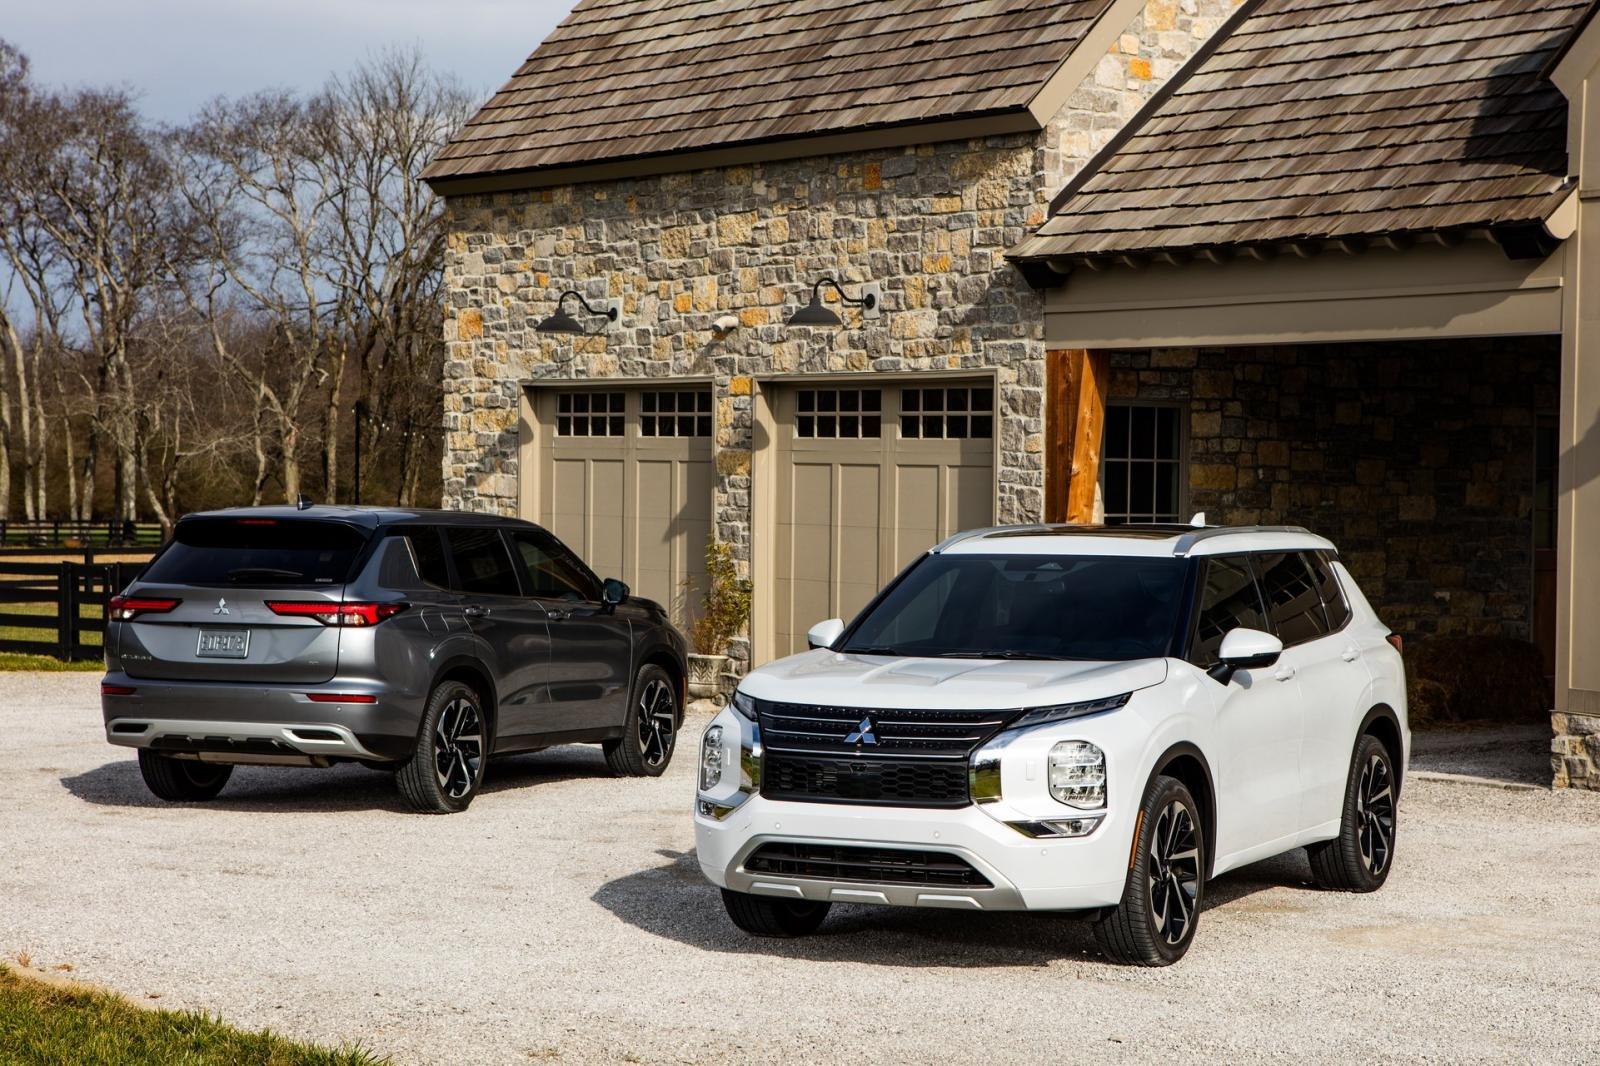 Đánh giá Mitsubishi Outlander 2022, sắp về Việt Nam đối đầu với Honda CRV và Mazda CX5 1